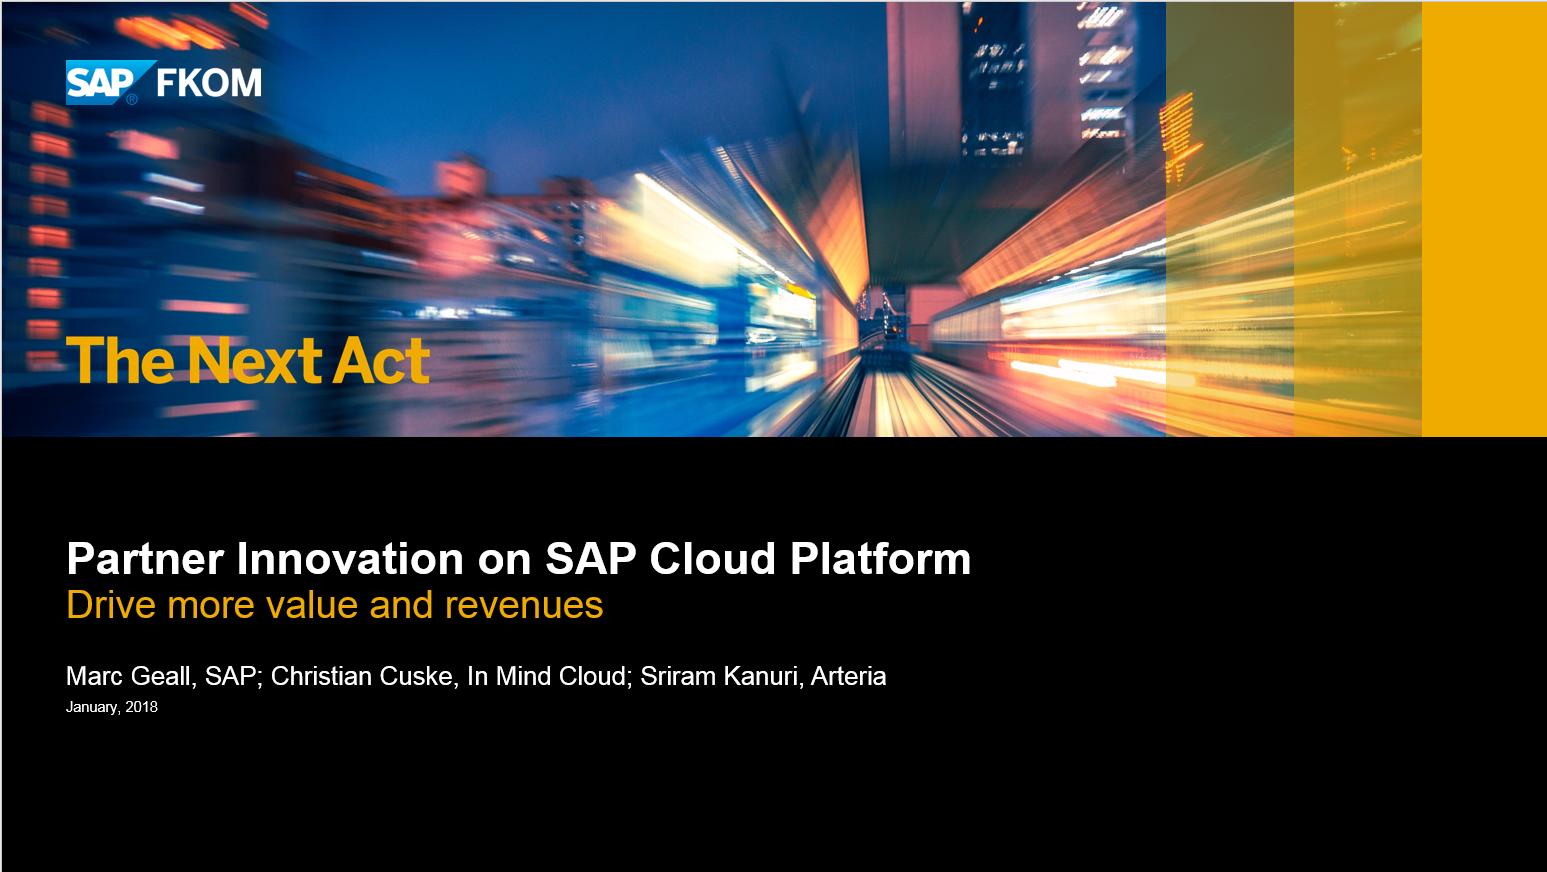 Partner Innovation on SAP Cloud Platform at SAP FKOM Sydney 2018 | In Mind Cloud